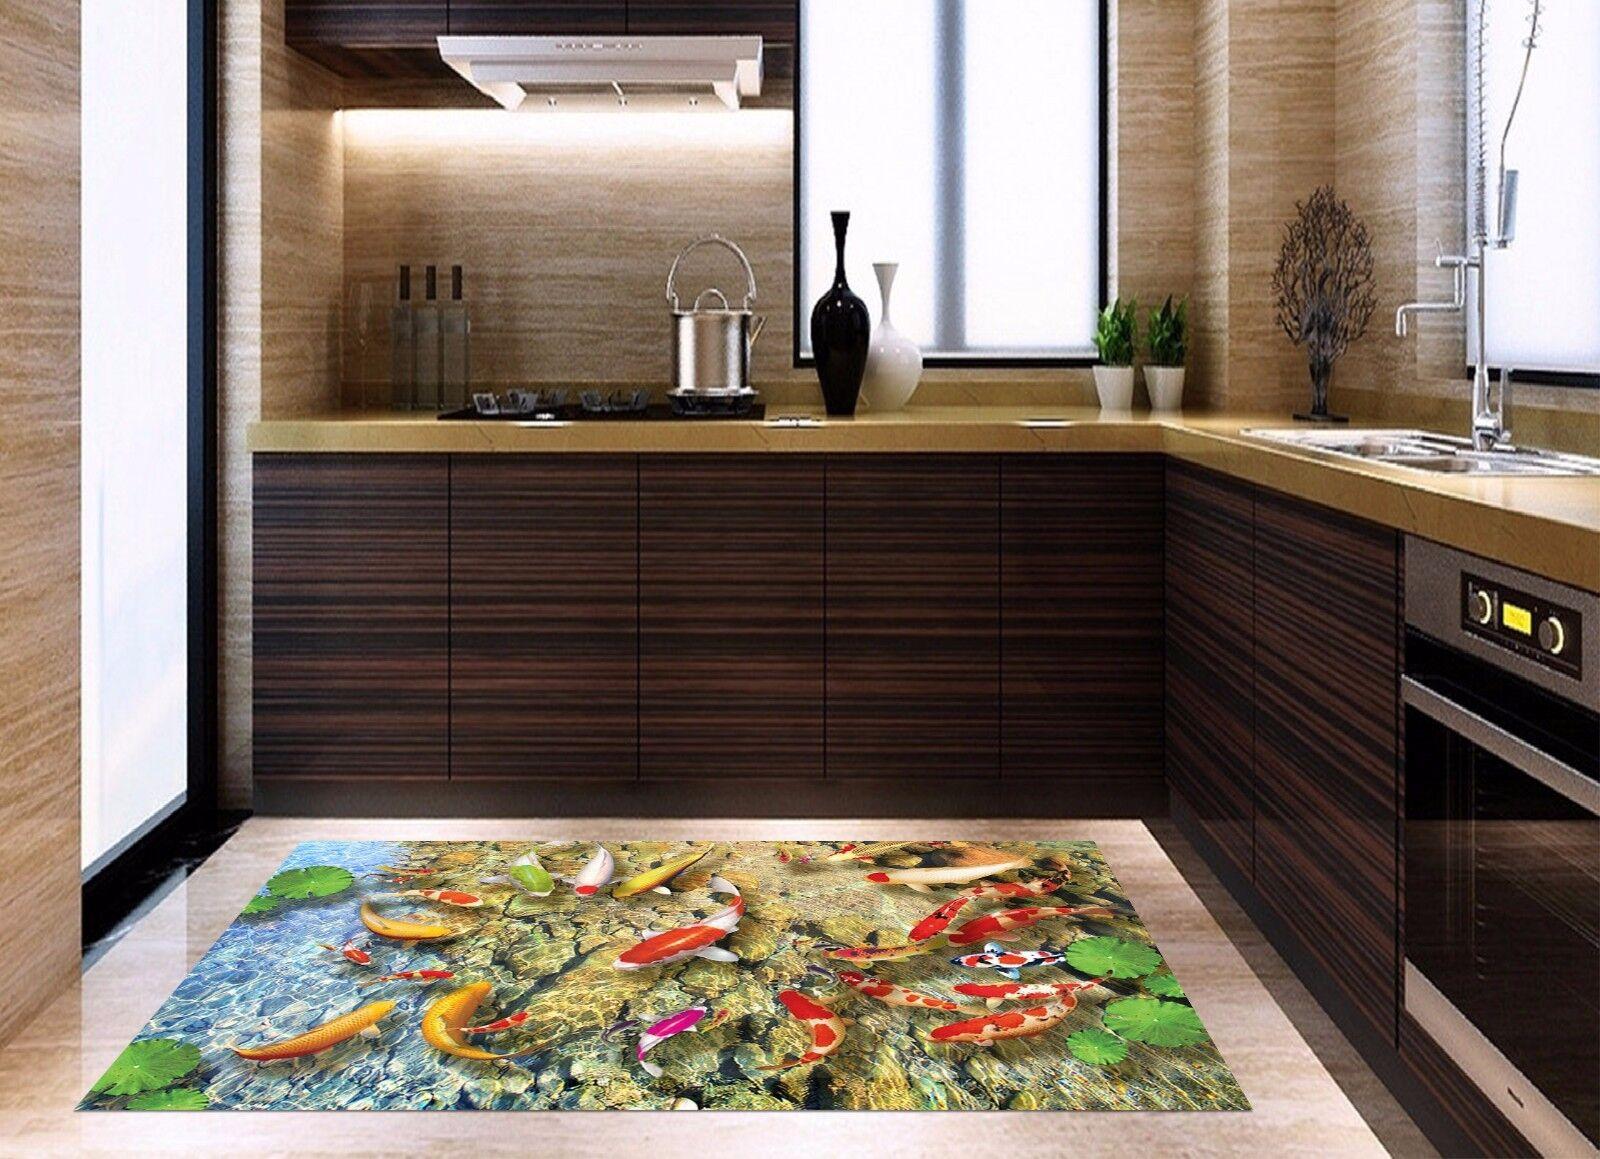 Stampe Da Cucina : 3d pesce dacqua laghetto fiume 9 tappetino muro da cucina pavimento